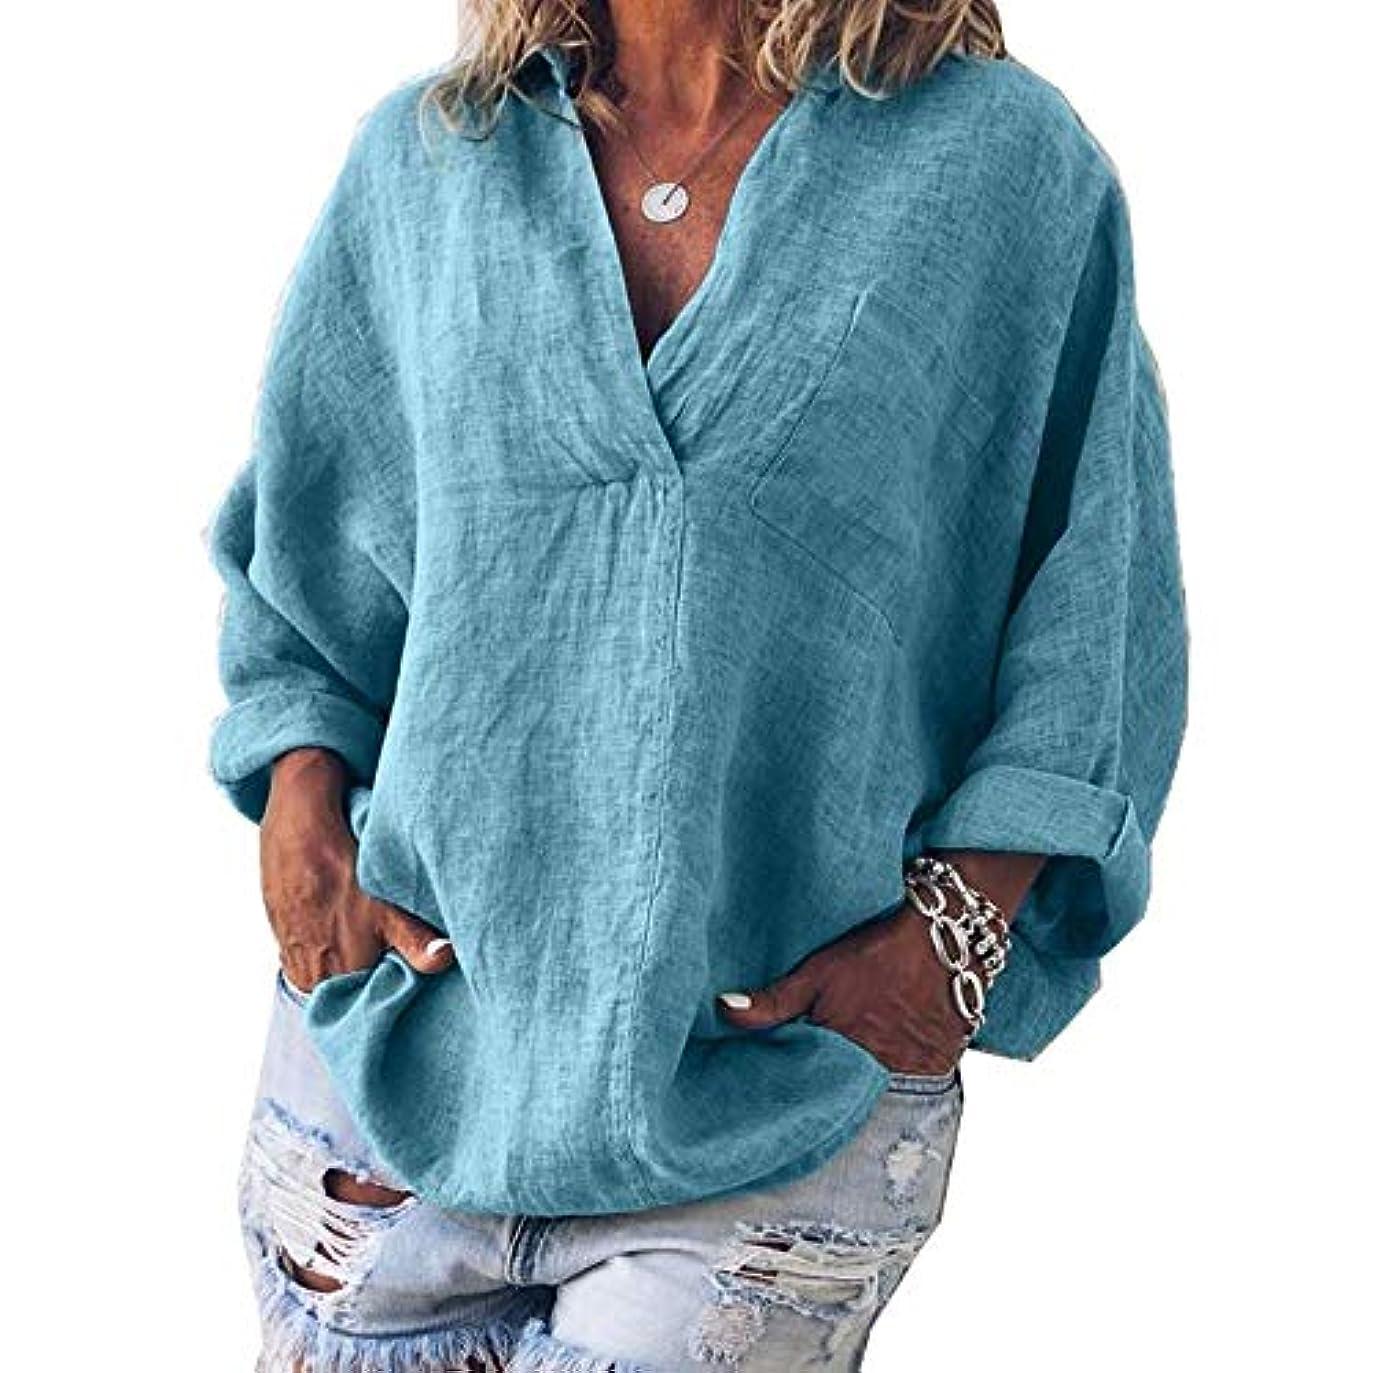 曲線待って質量MIFAN女性ファッション春夏チュニックトップス深いVネックTシャツ長袖プルオーバールーズリネンブラウス